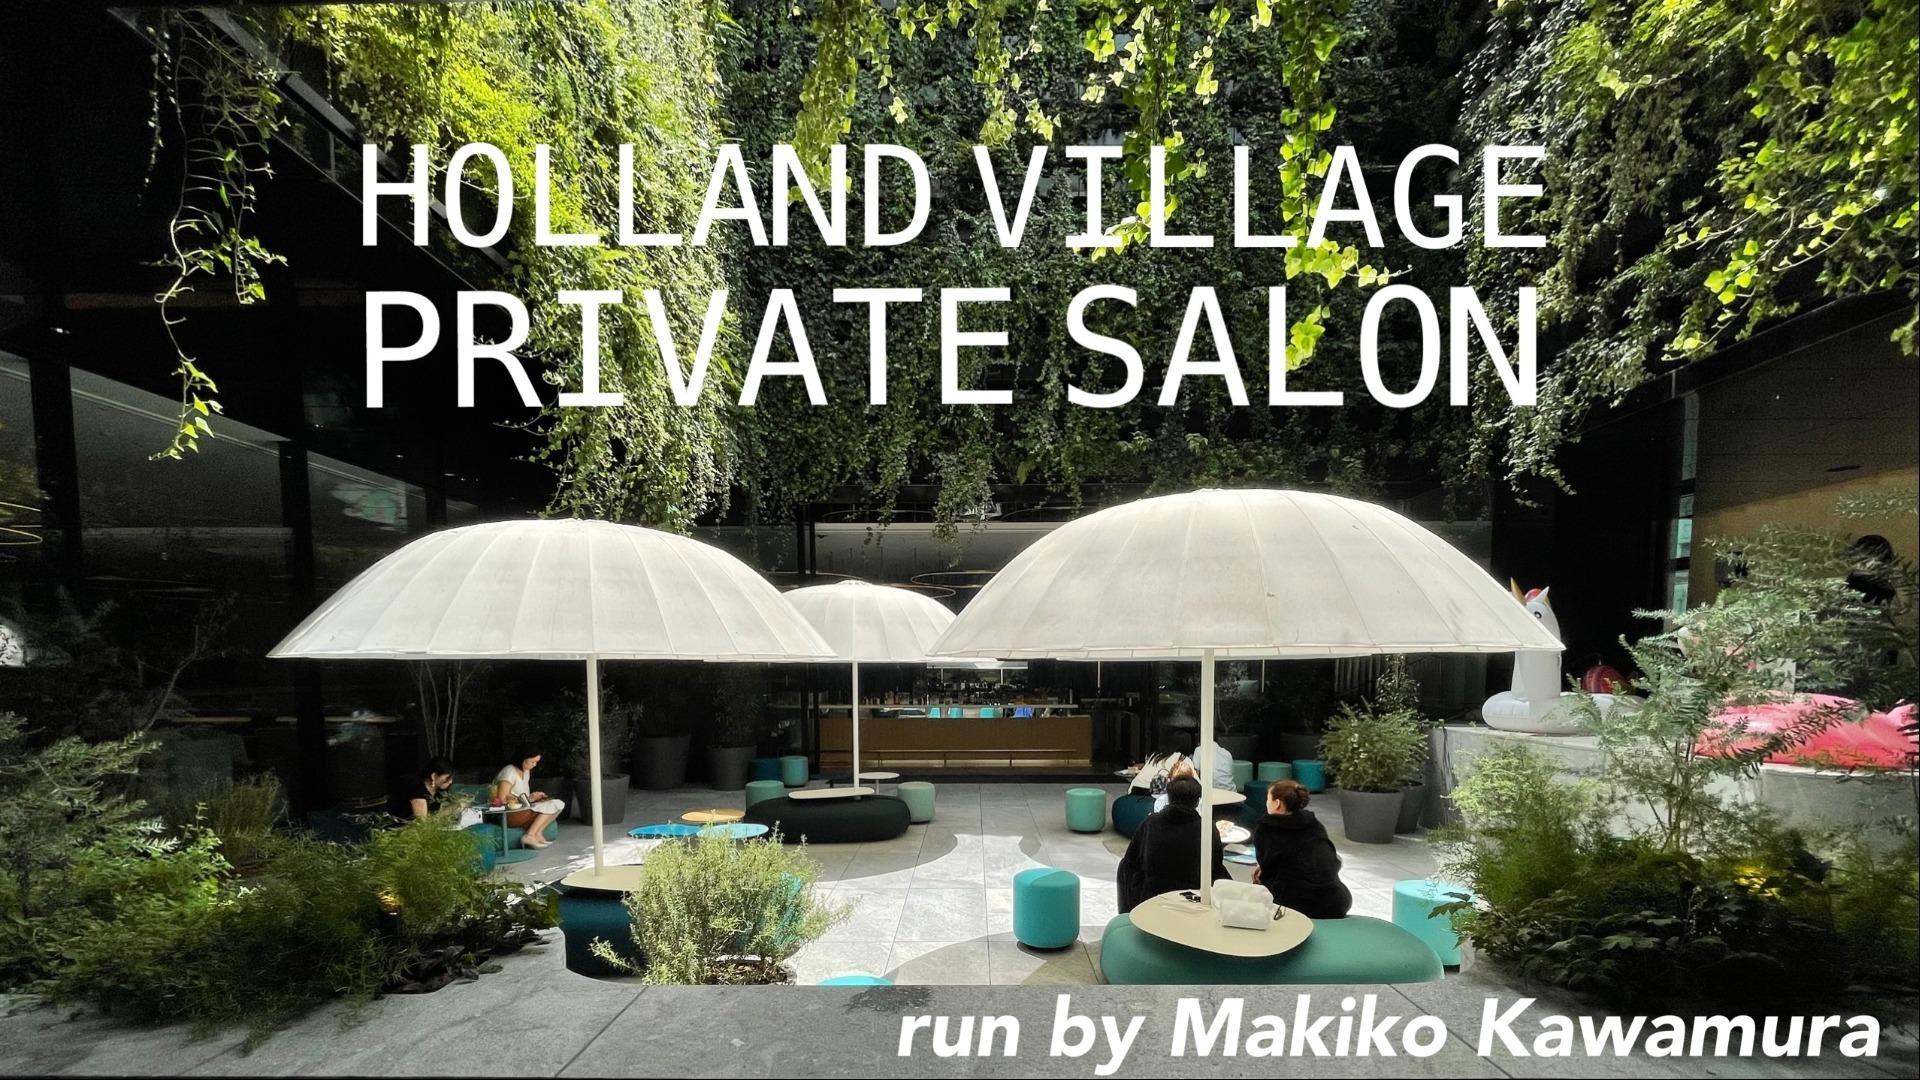 Holland Village Private Salon